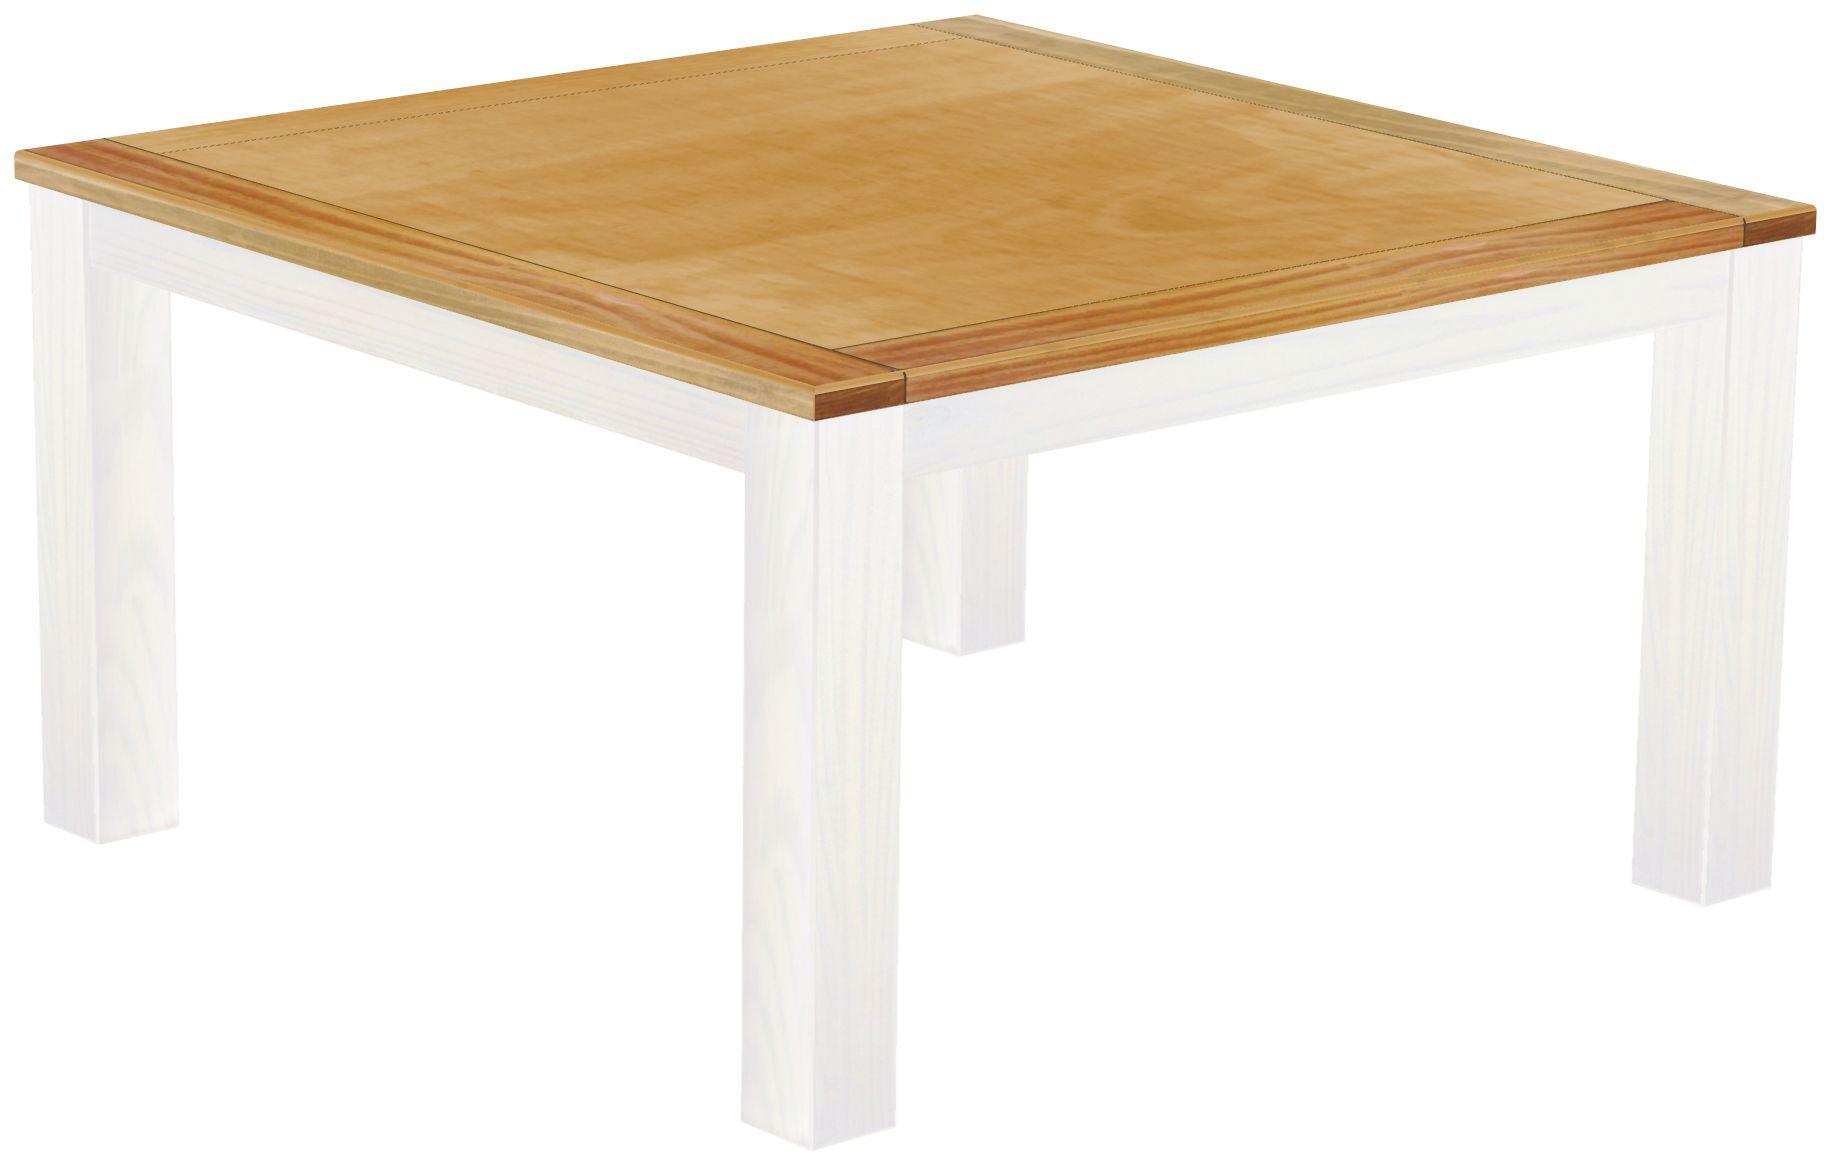 esstisch 140x140 excellent esstisch ausziehbar esstische ausziehbar with esstisch 140x140. Black Bedroom Furniture Sets. Home Design Ideas